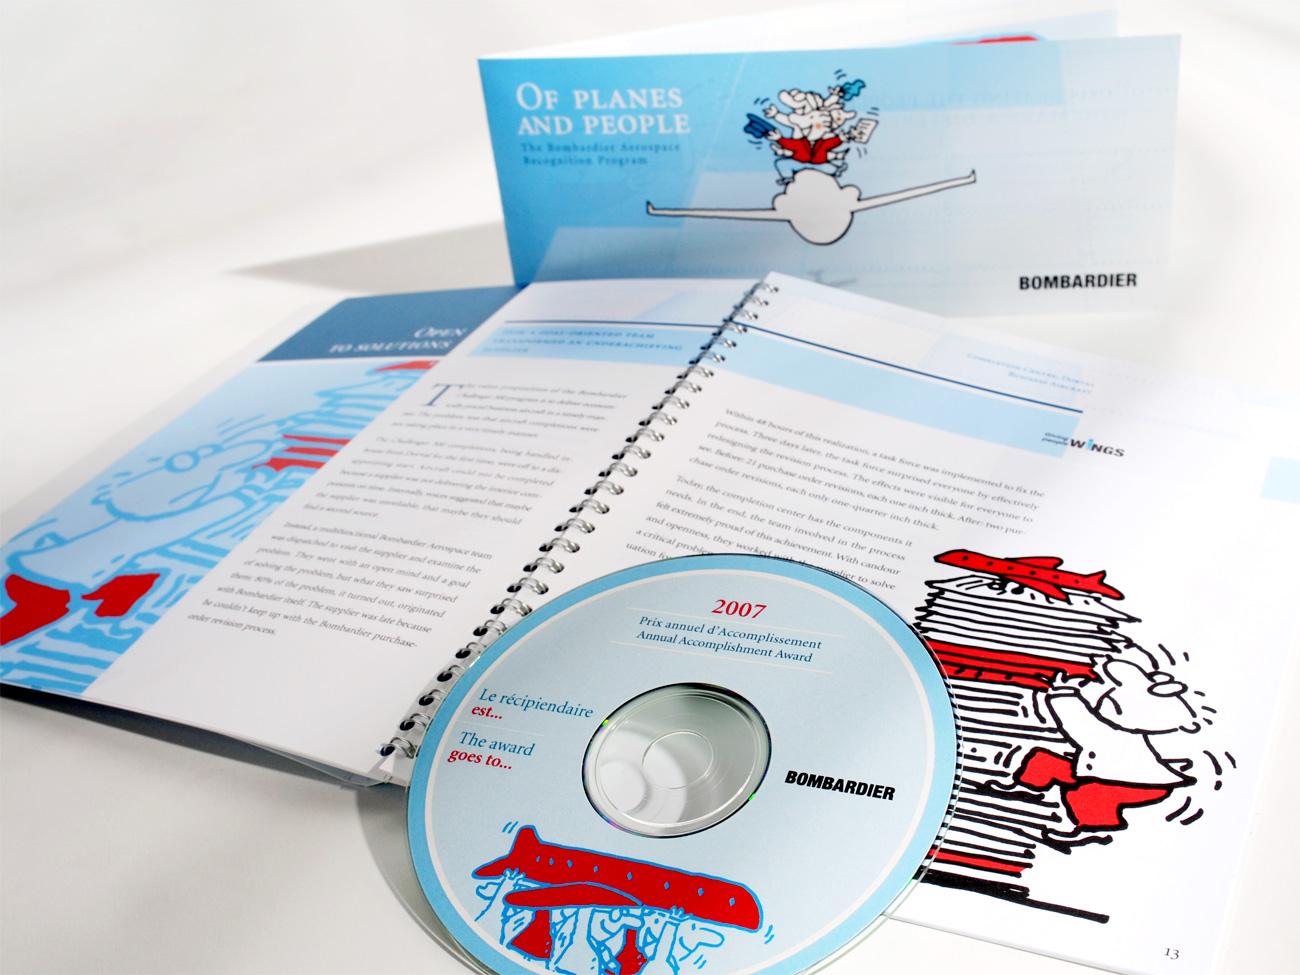 Bombardier a ronautique prix annuel d 39 accomplissement 2007 for Chambre de commerce francaise a montreal